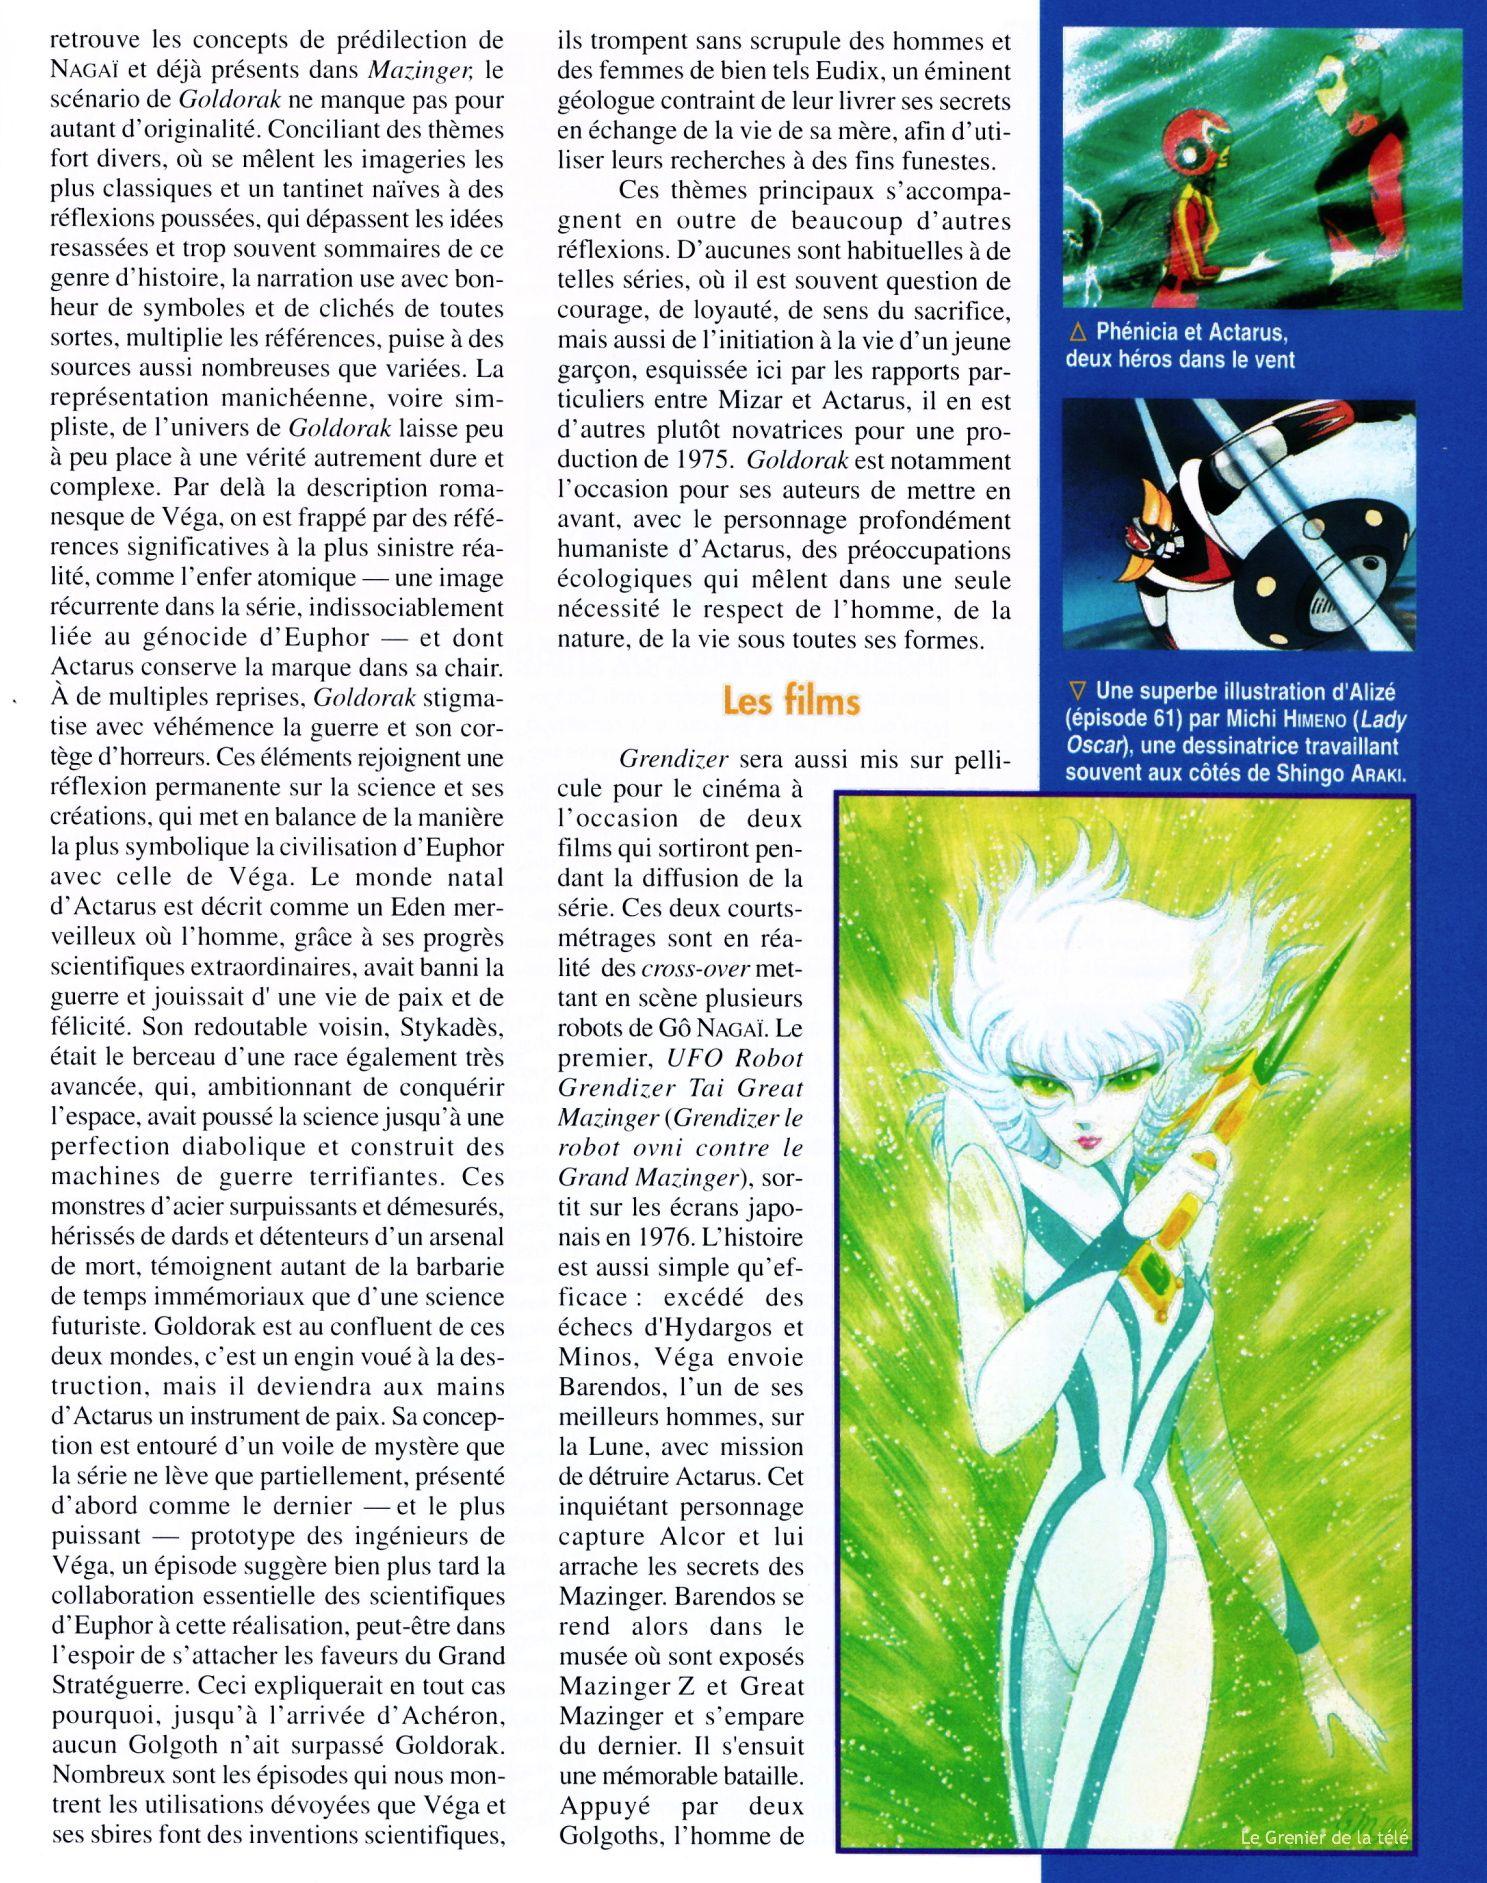 http://grenierdelatv.free.fr/2/goldorakalhs1997n.jpg